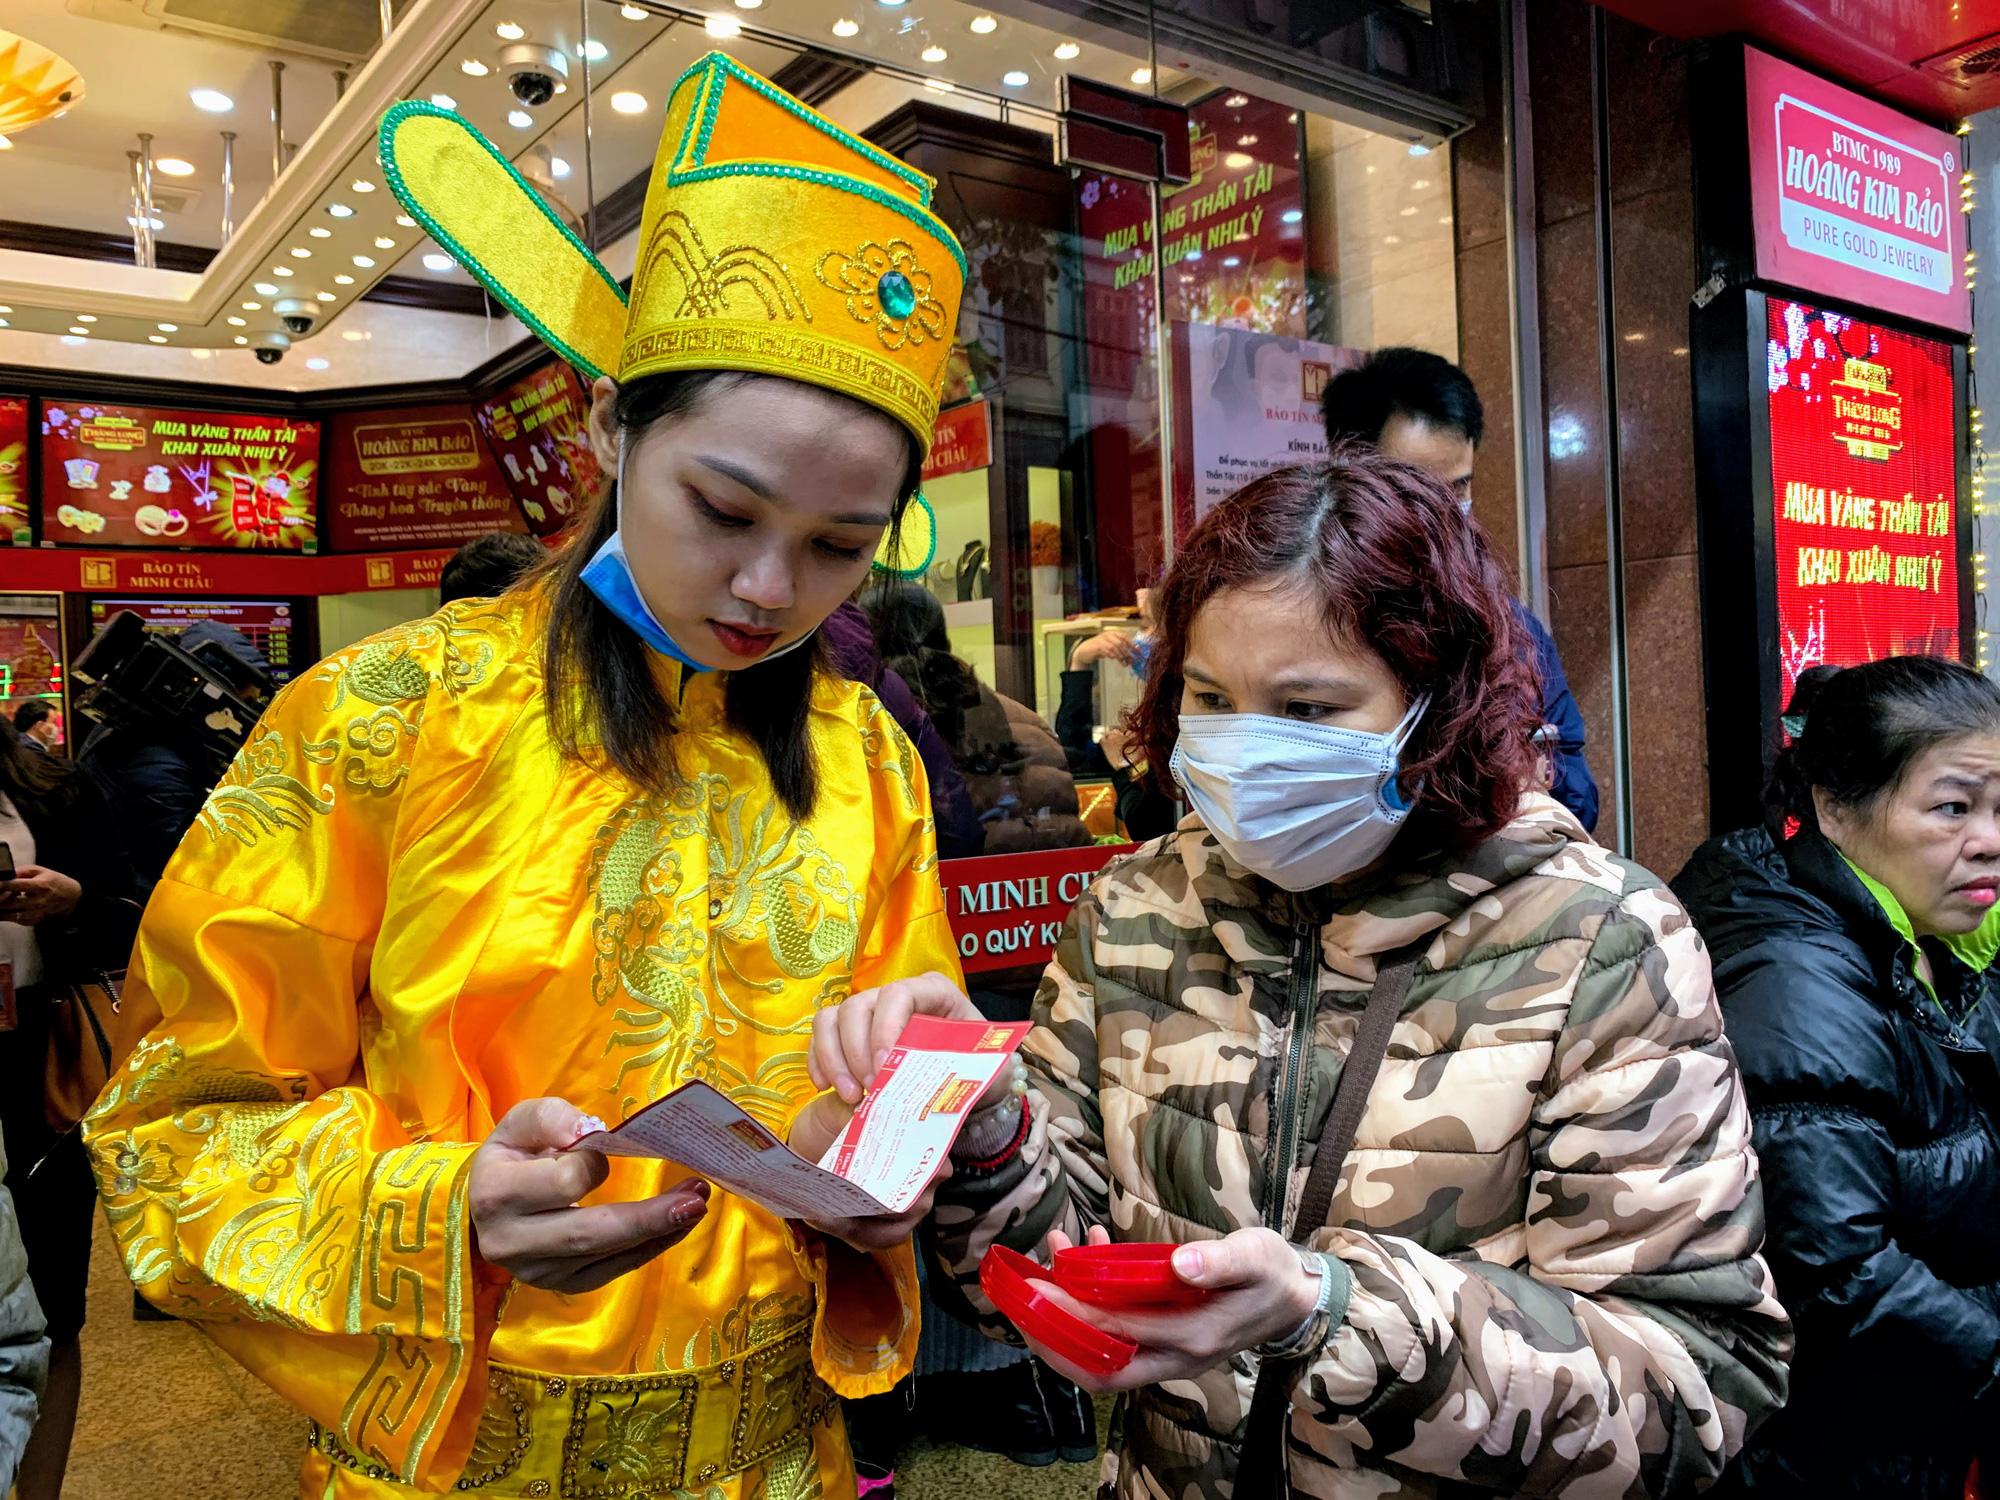 Giữa tâm dịch corona, bay từ Sài Gòn ra Hà Nội, đội mưa để đi mua vàng trong ngày Vía thần Tài - Ảnh 8.